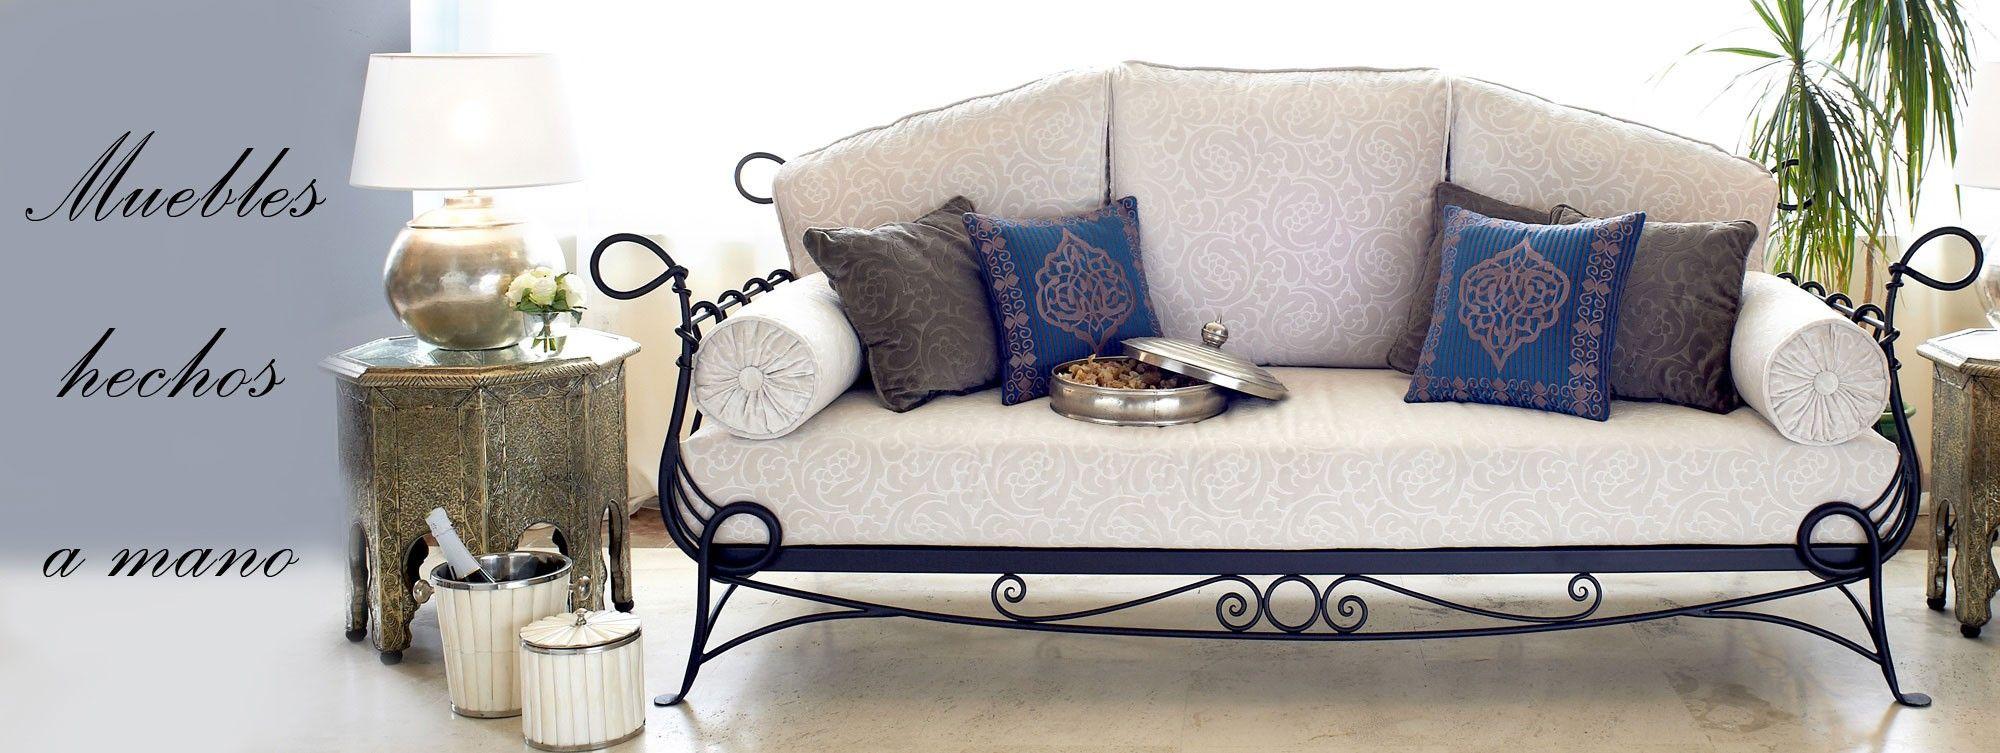 Tiendas De Muebles Marbella Good Sofa Chaise Longue De Diseo With  # Muebles Pago Sequra